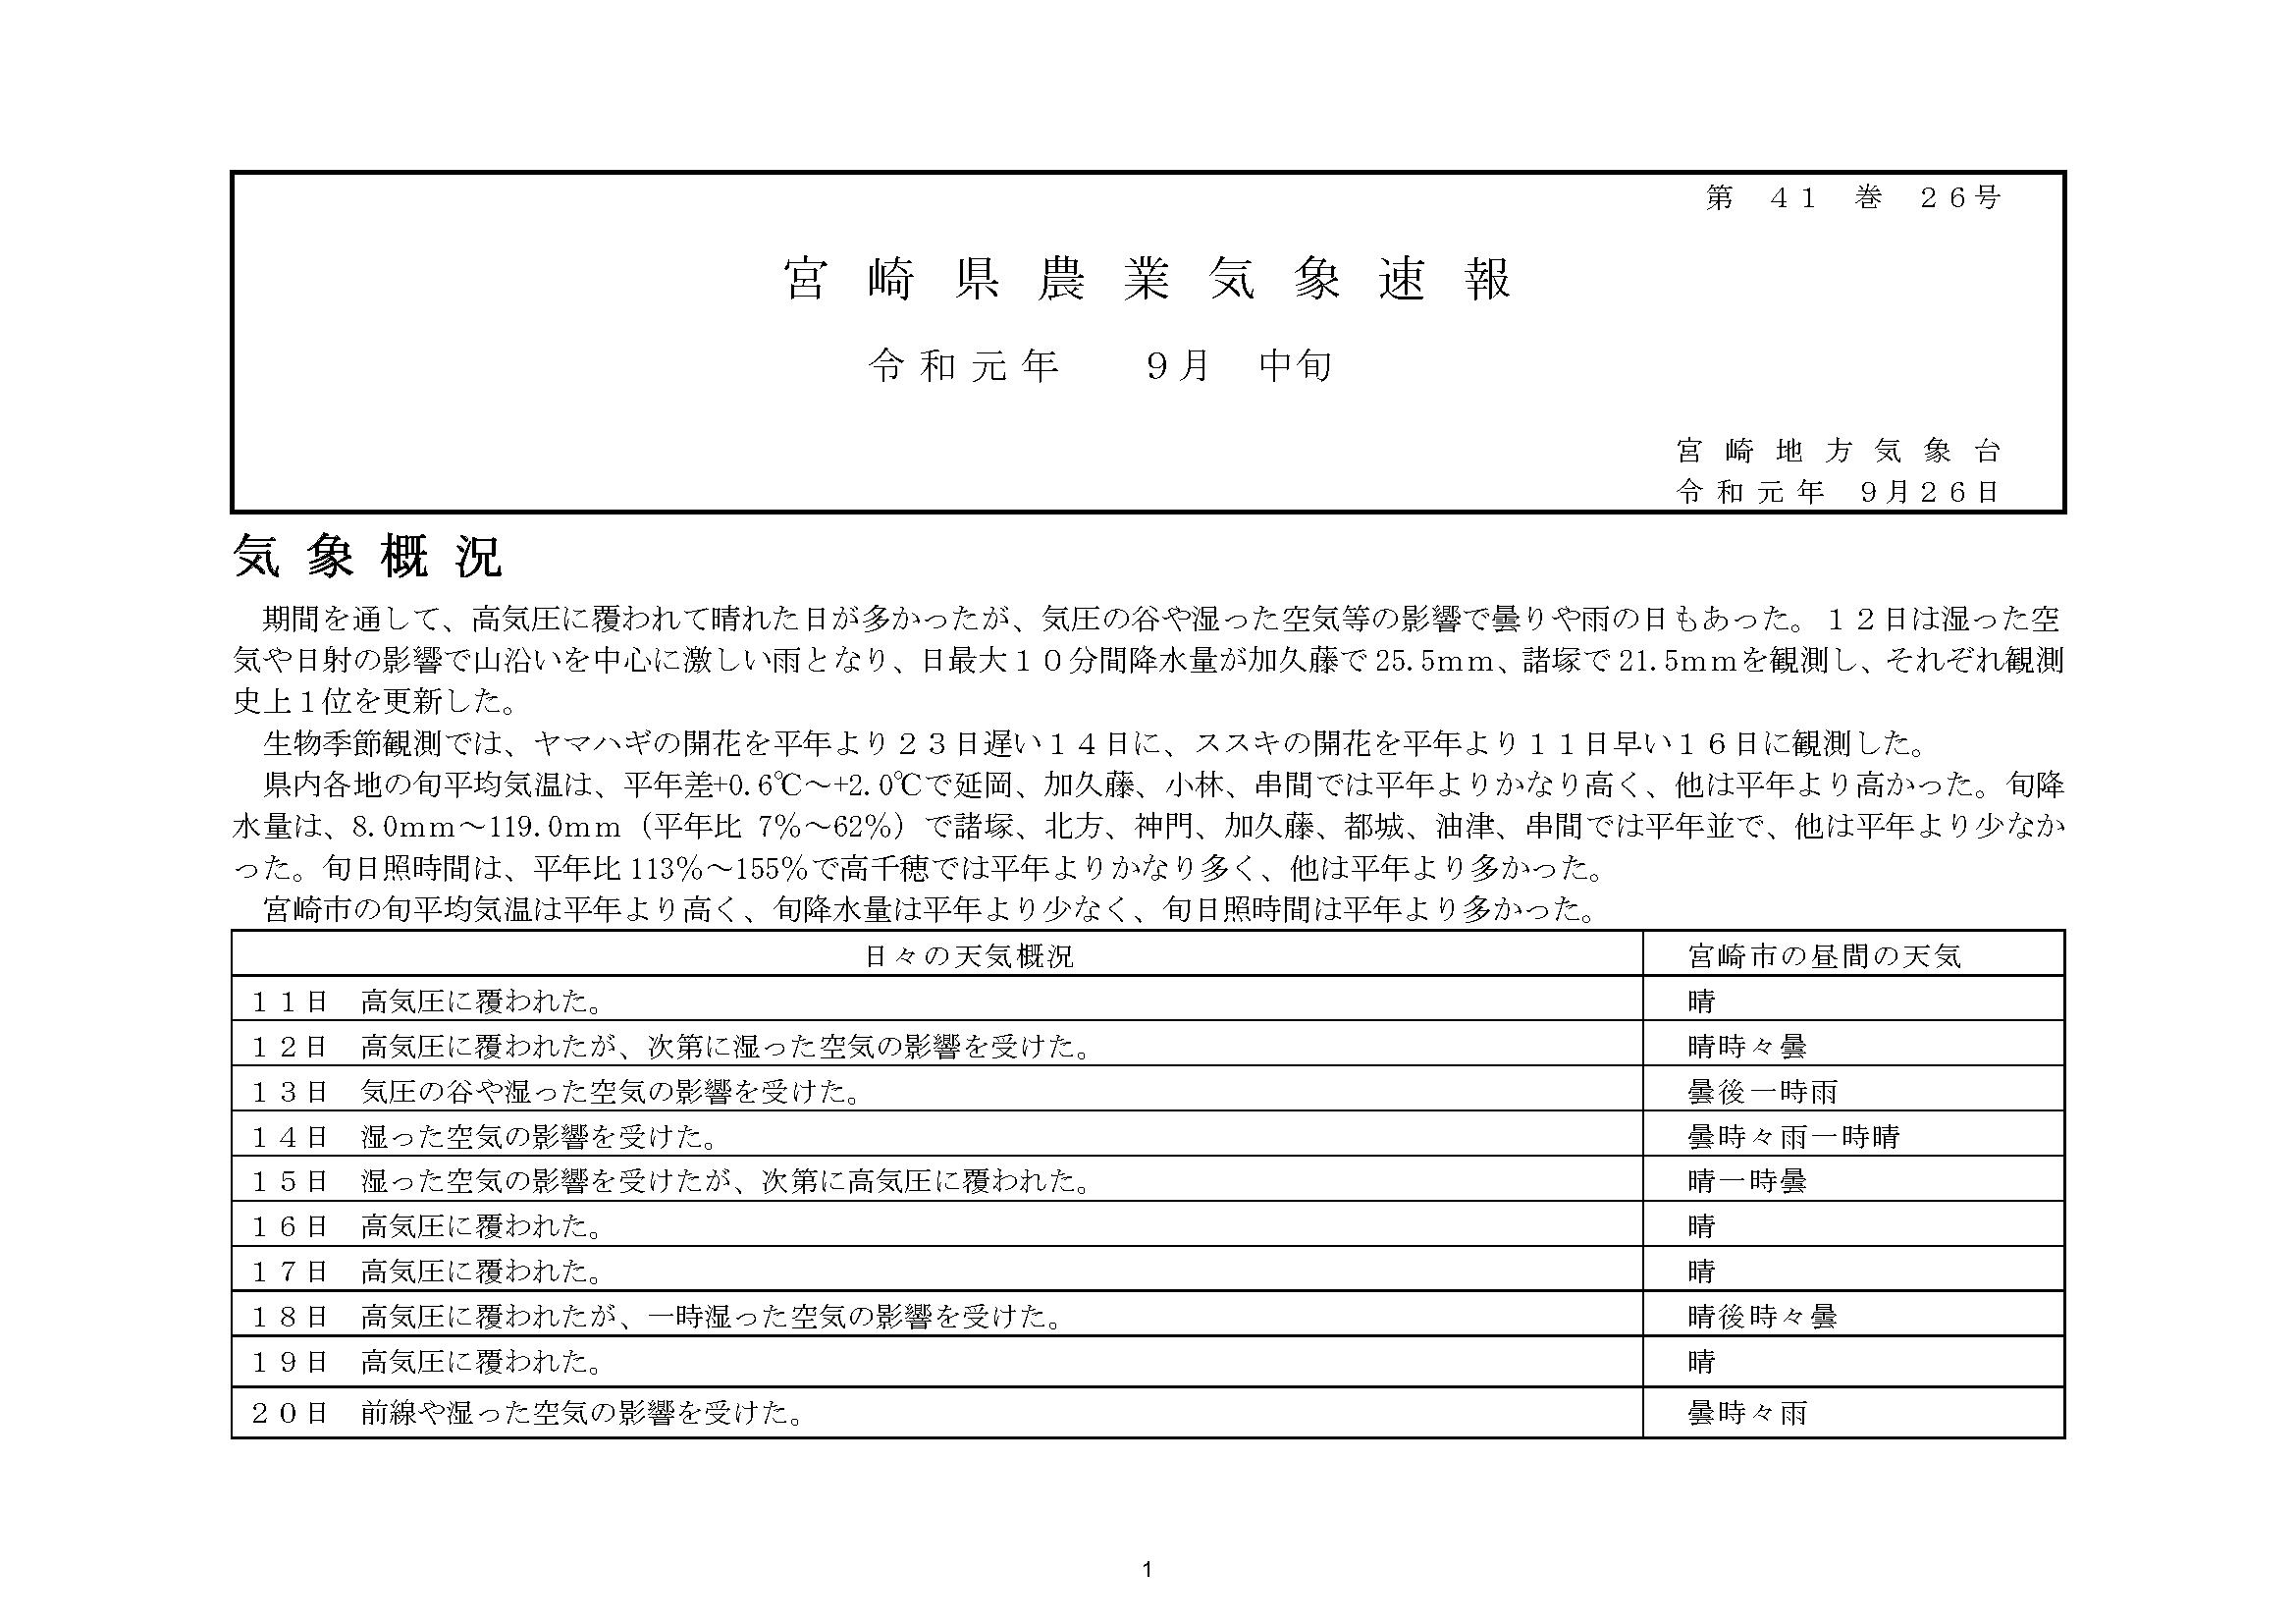 宮崎県農業気象速報令和元年9月中旬PDF